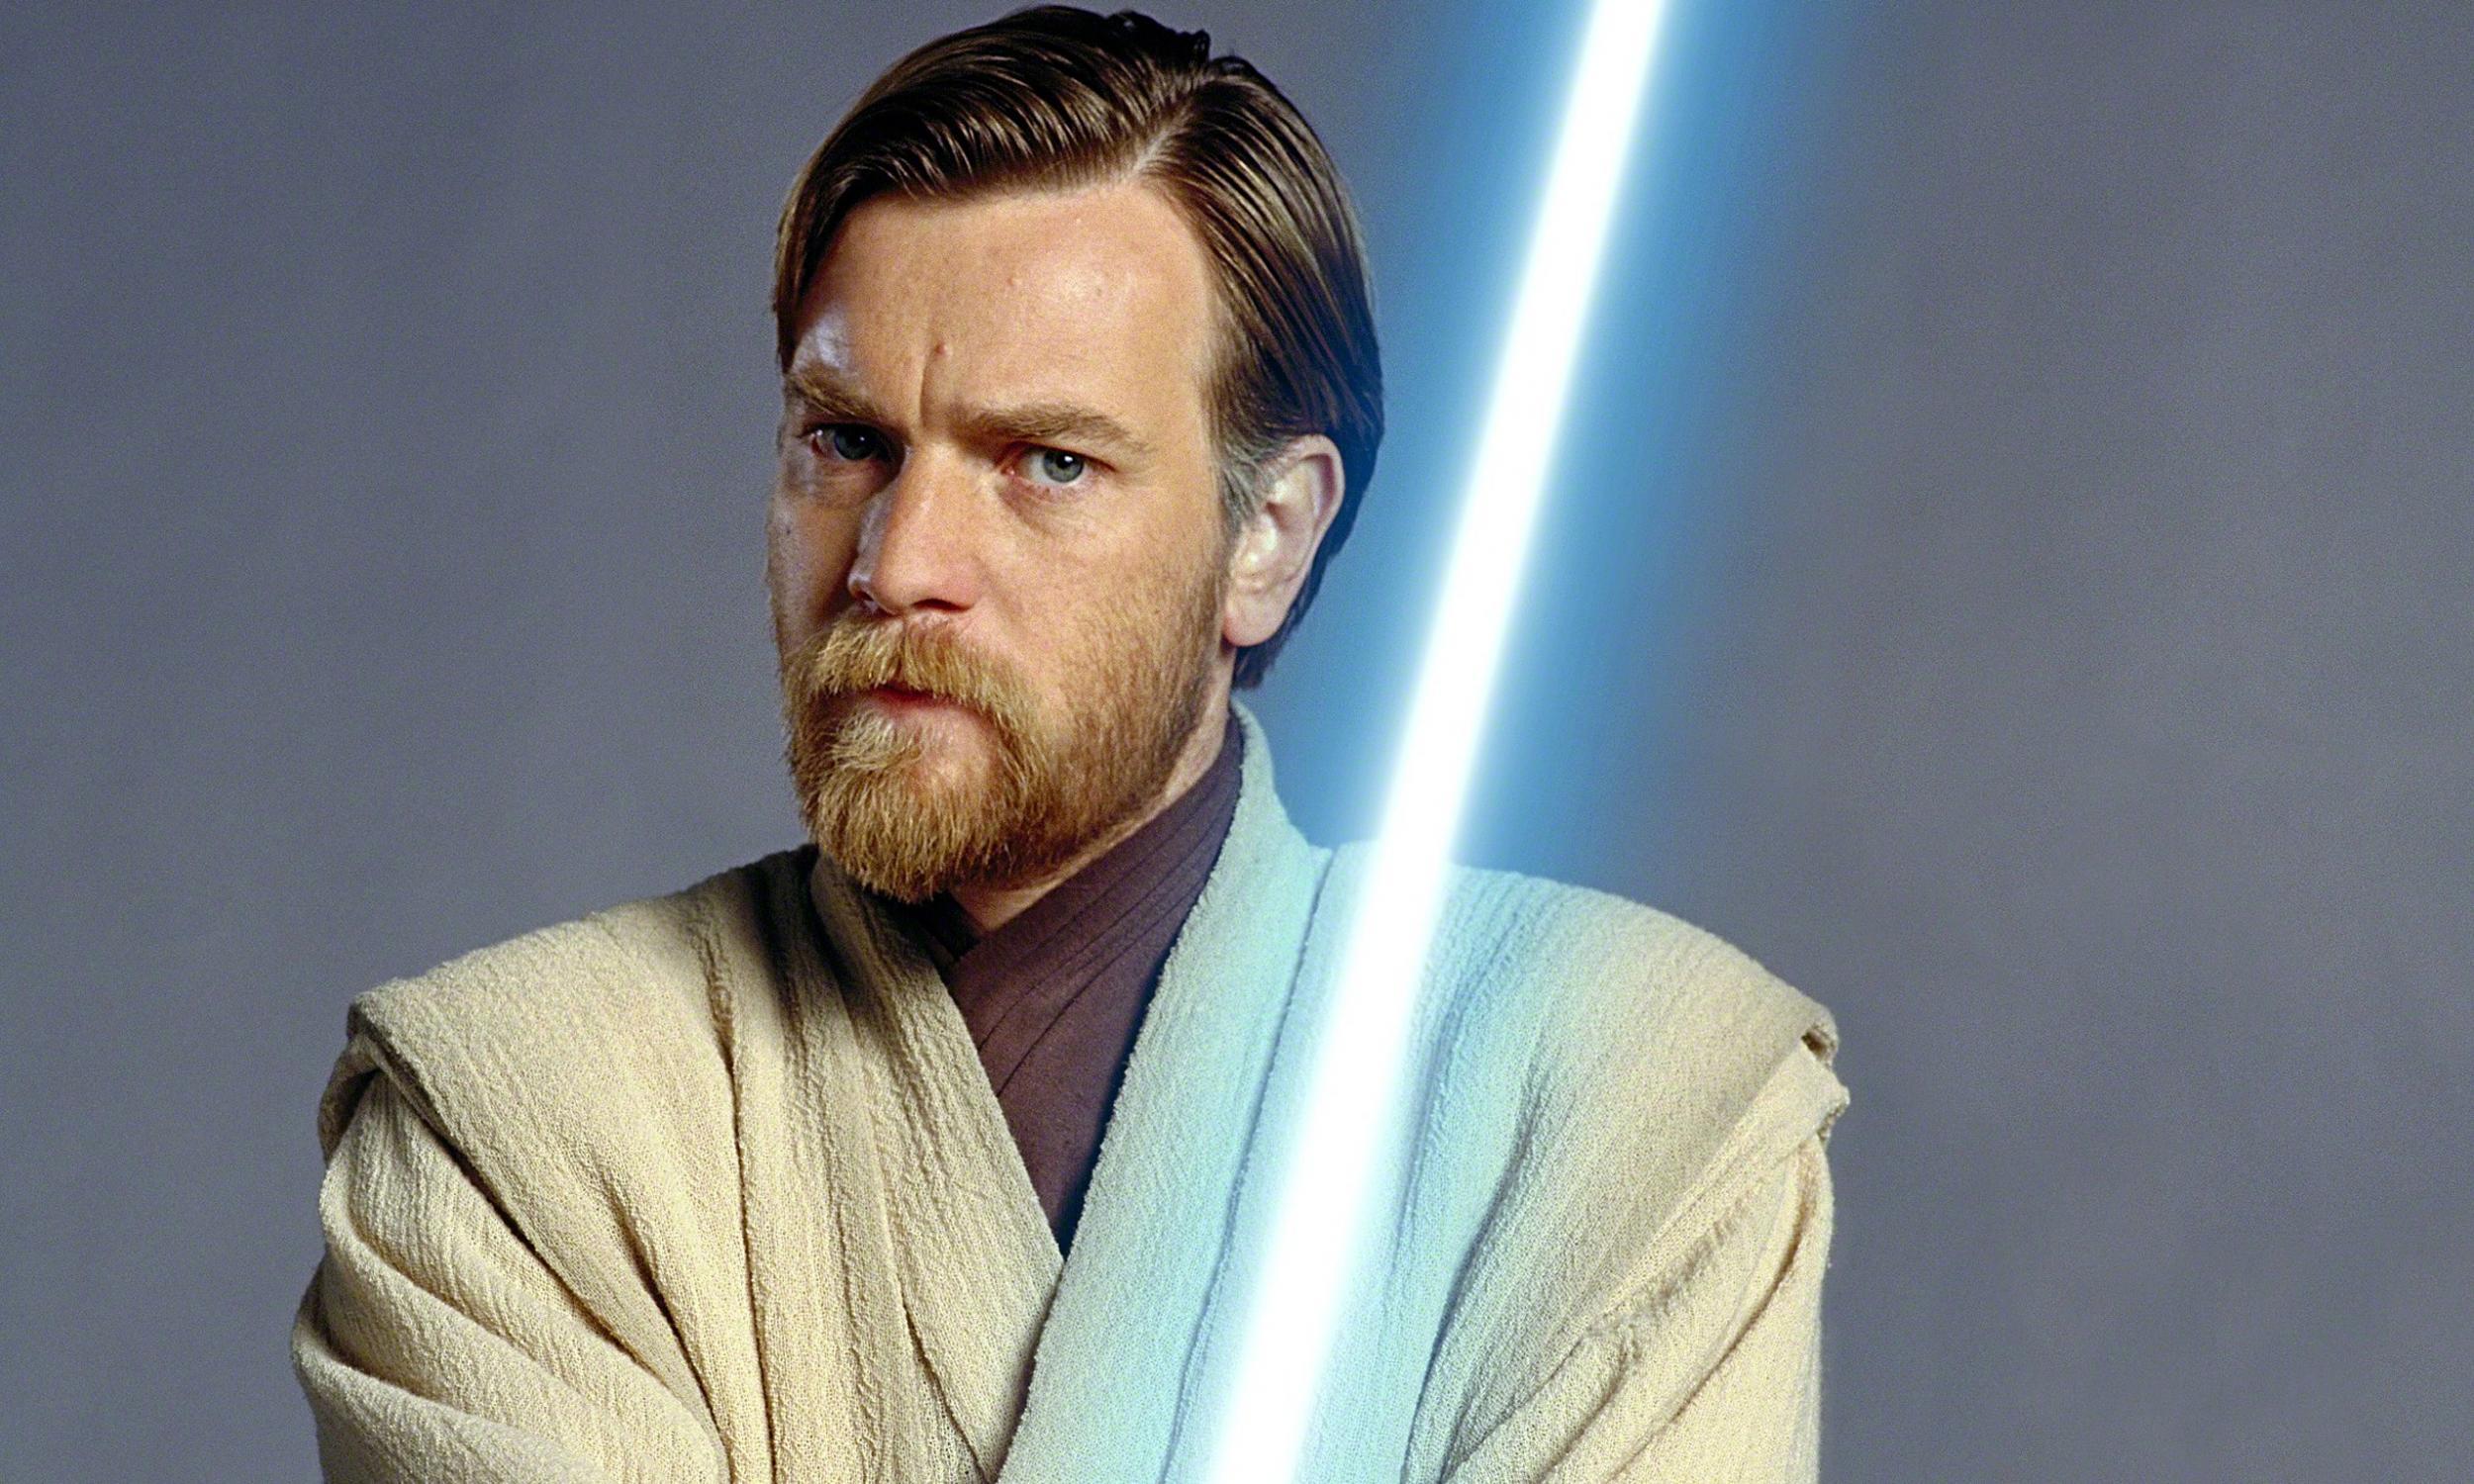 16. Obi-Wan Kenobi